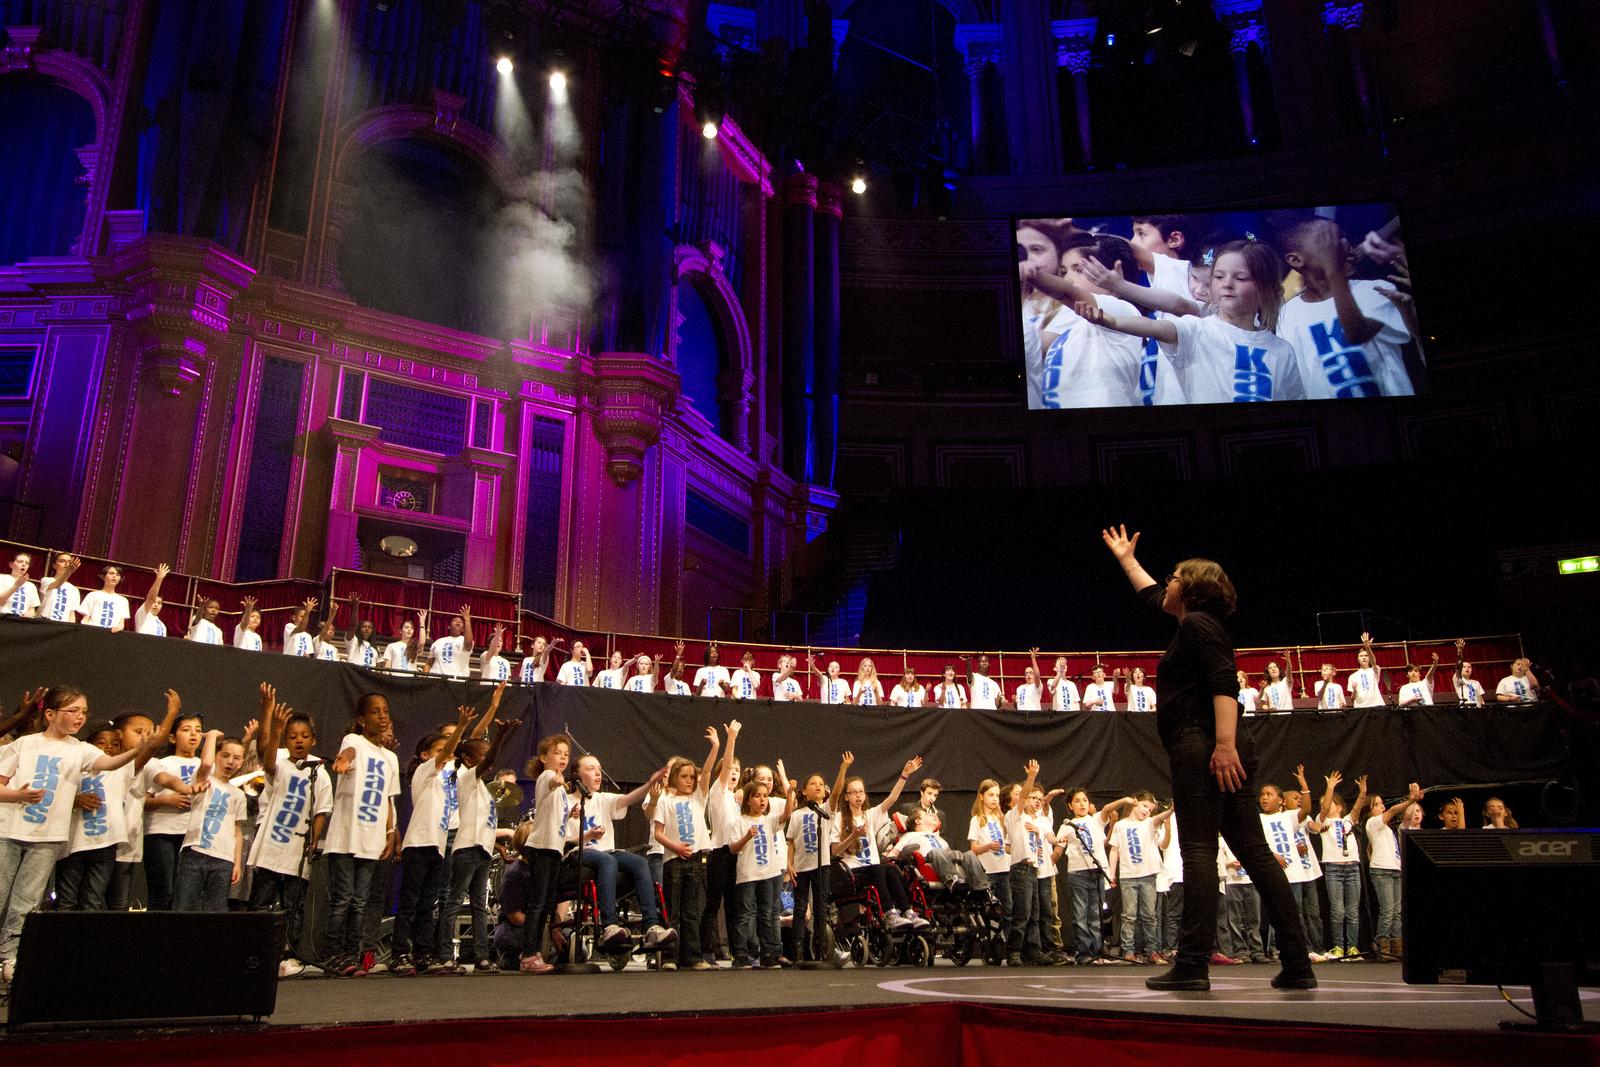 Kaos Albert Hall